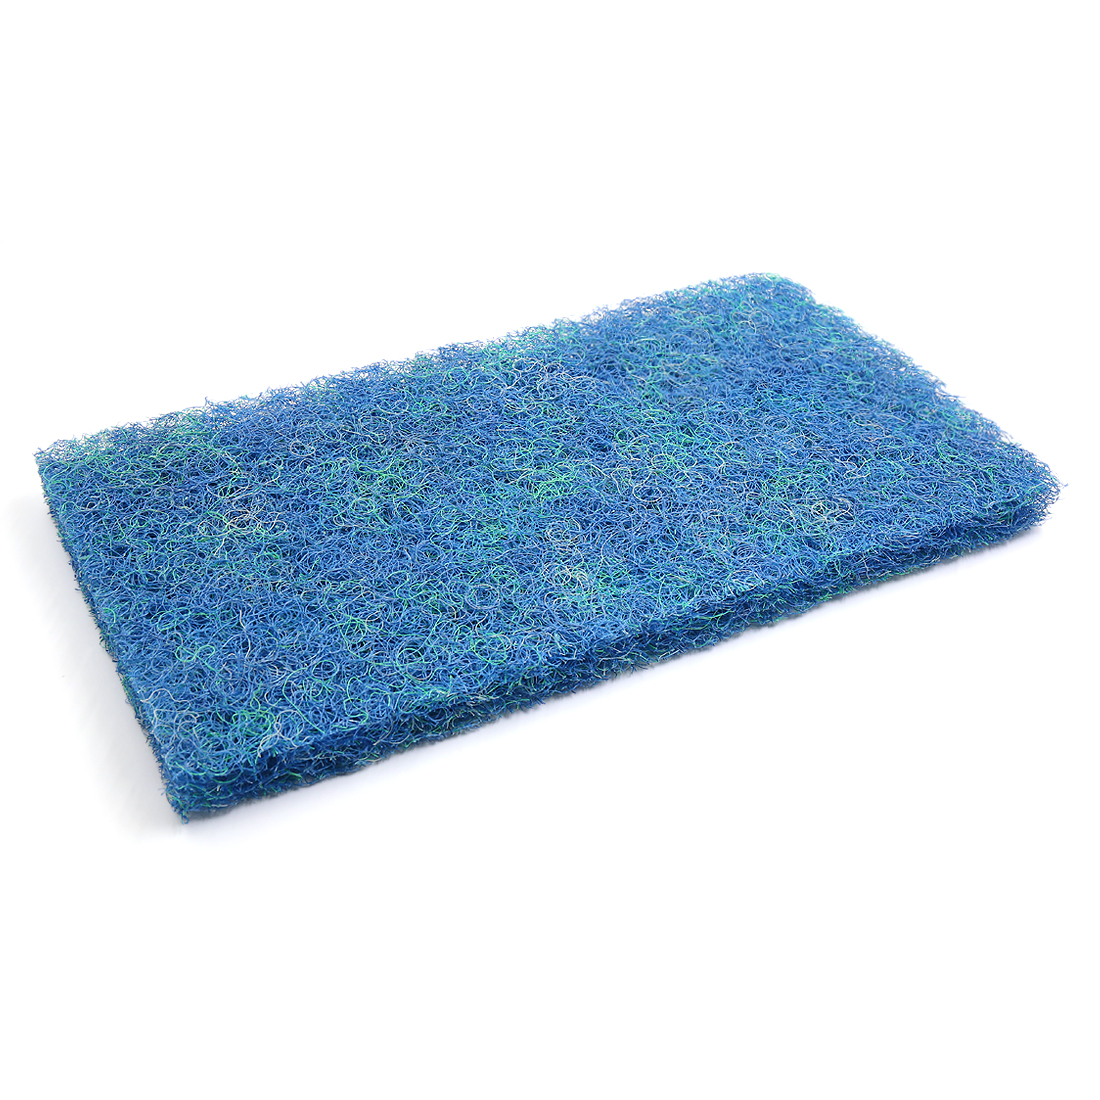 """Blue Bio Chemical Mat Filter Sponge for Betta Aquarium Kio Pond 19.7"""" x 9.8"""""""